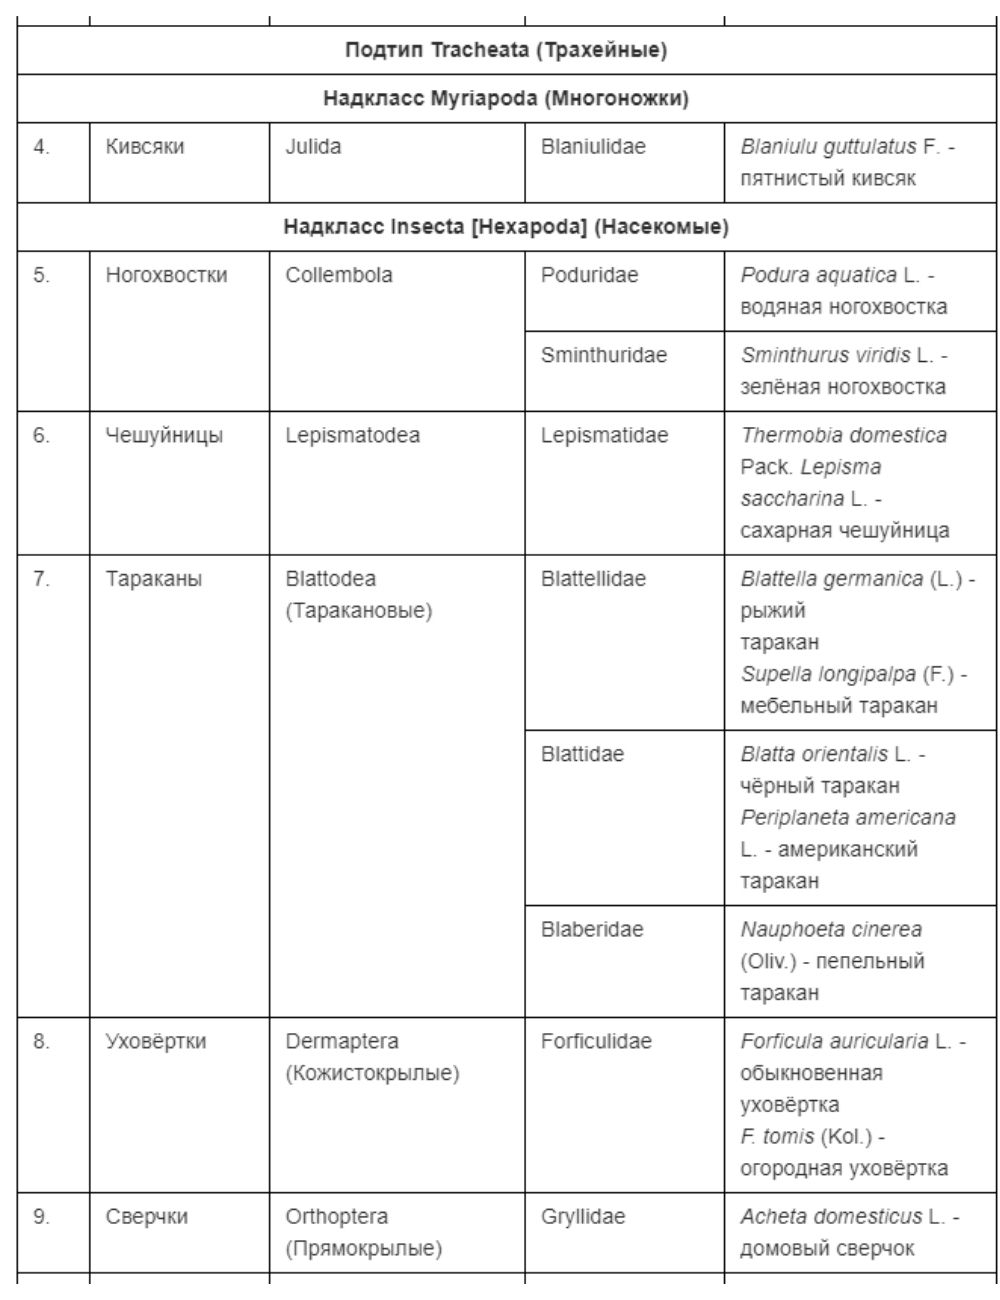 Членистоногие, имеющие эпидемиологическое и санитарно-гигиеническое значение лист2